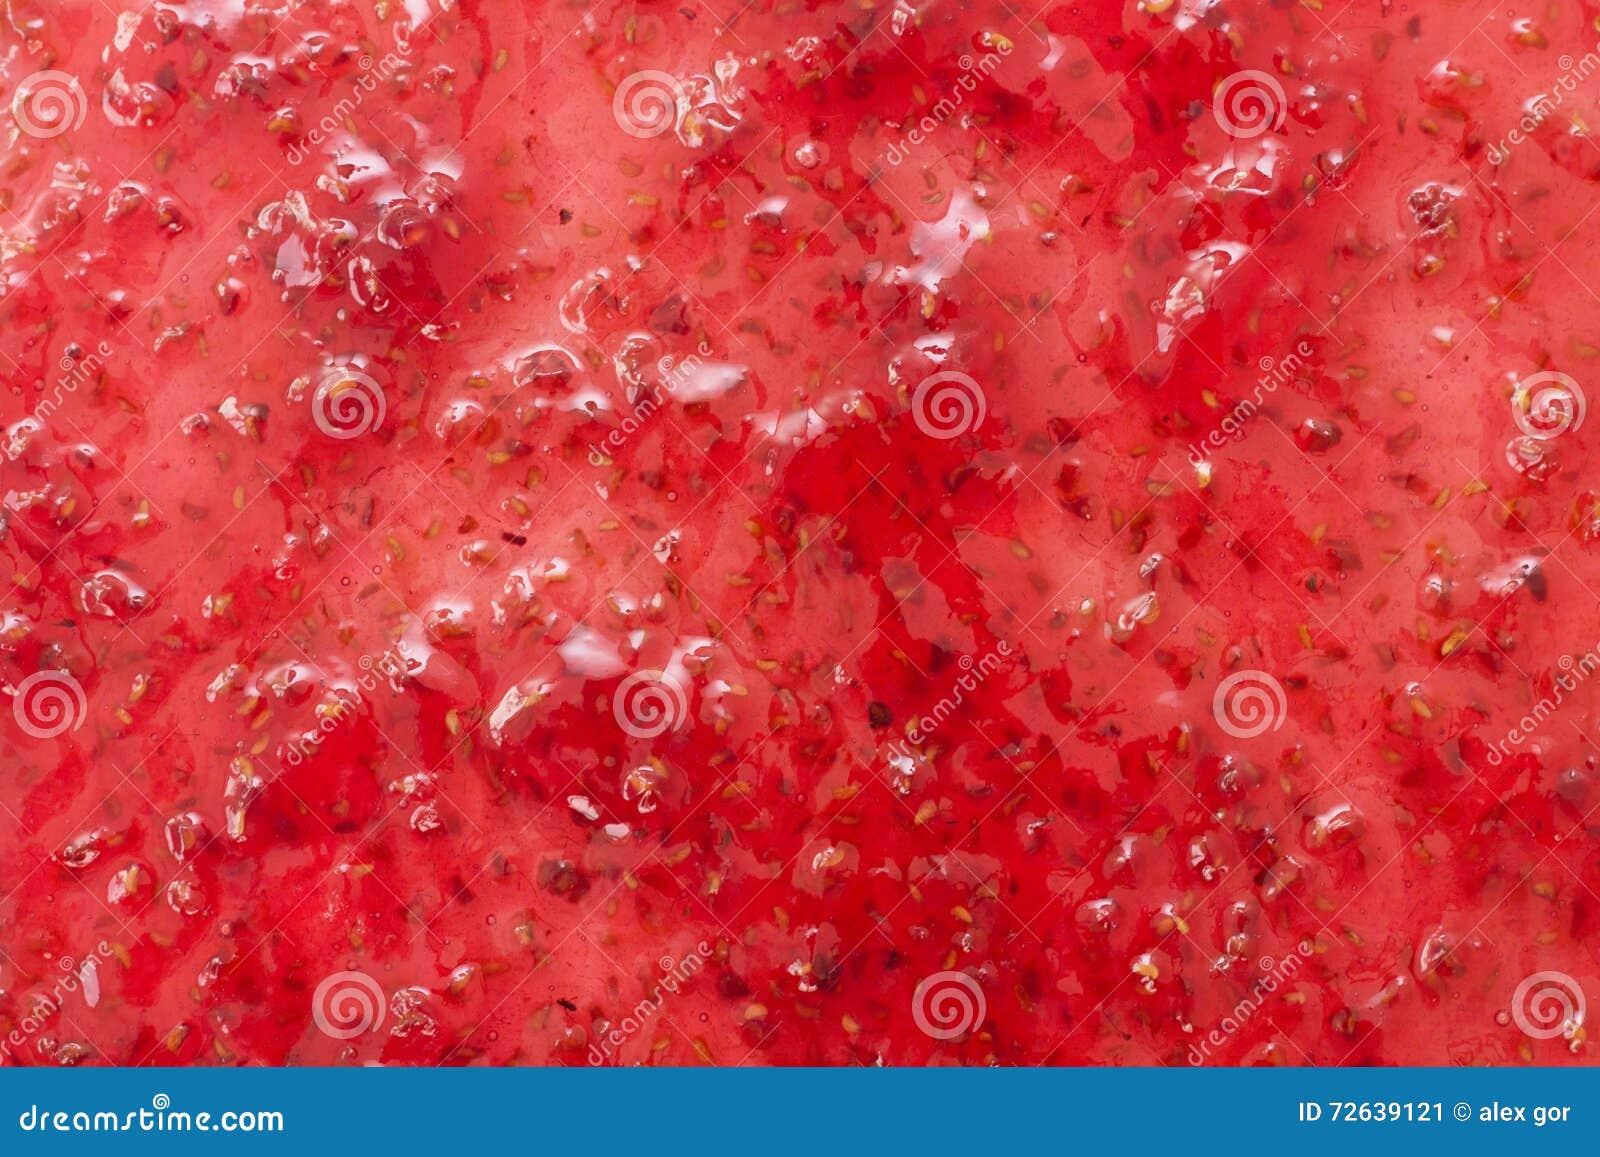 La masse homogène de la confiture, vue de surface plane